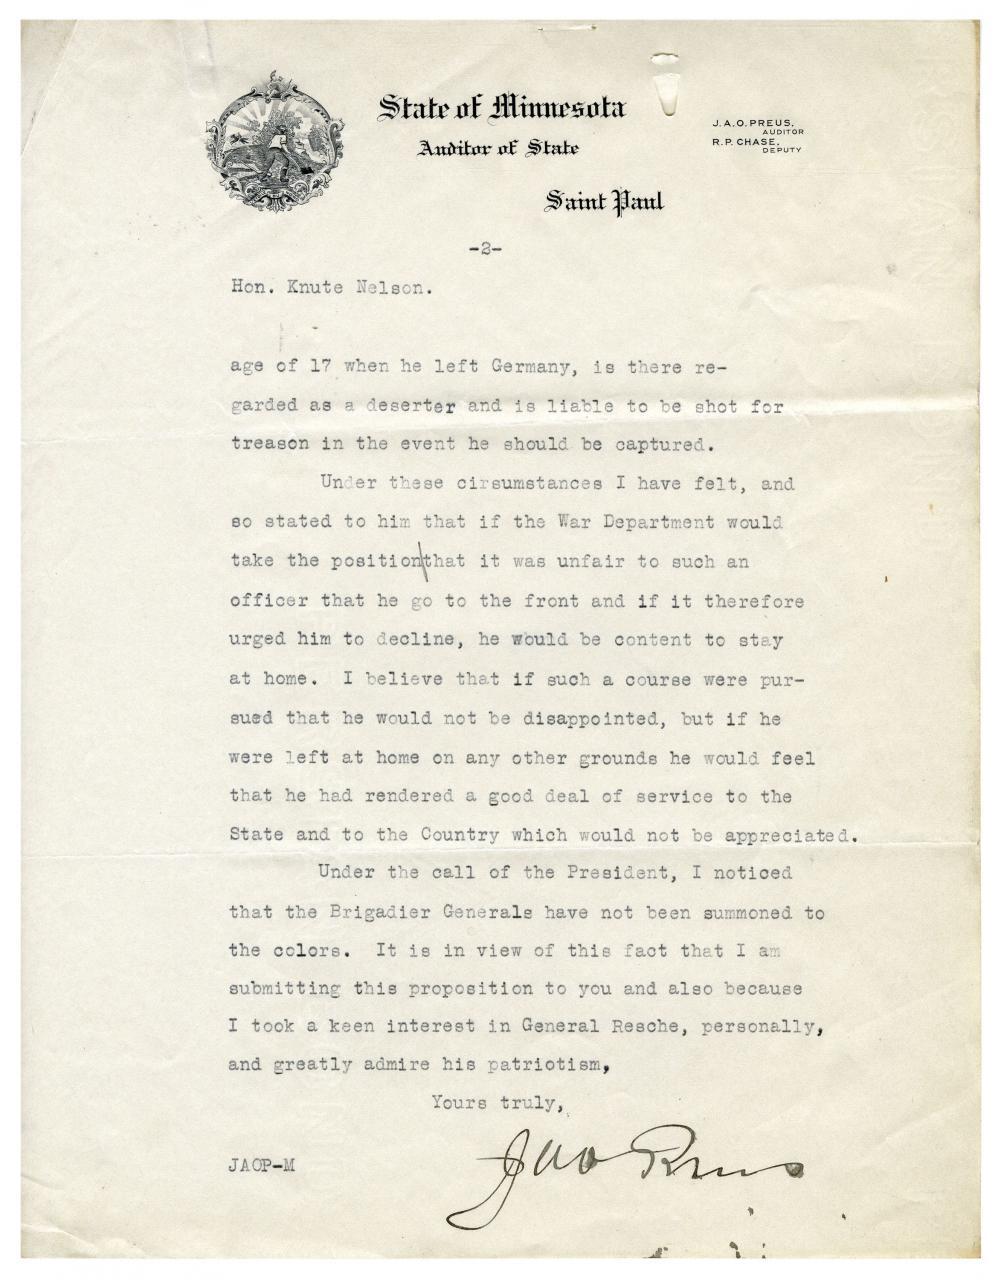 Letter to Senator Nelson